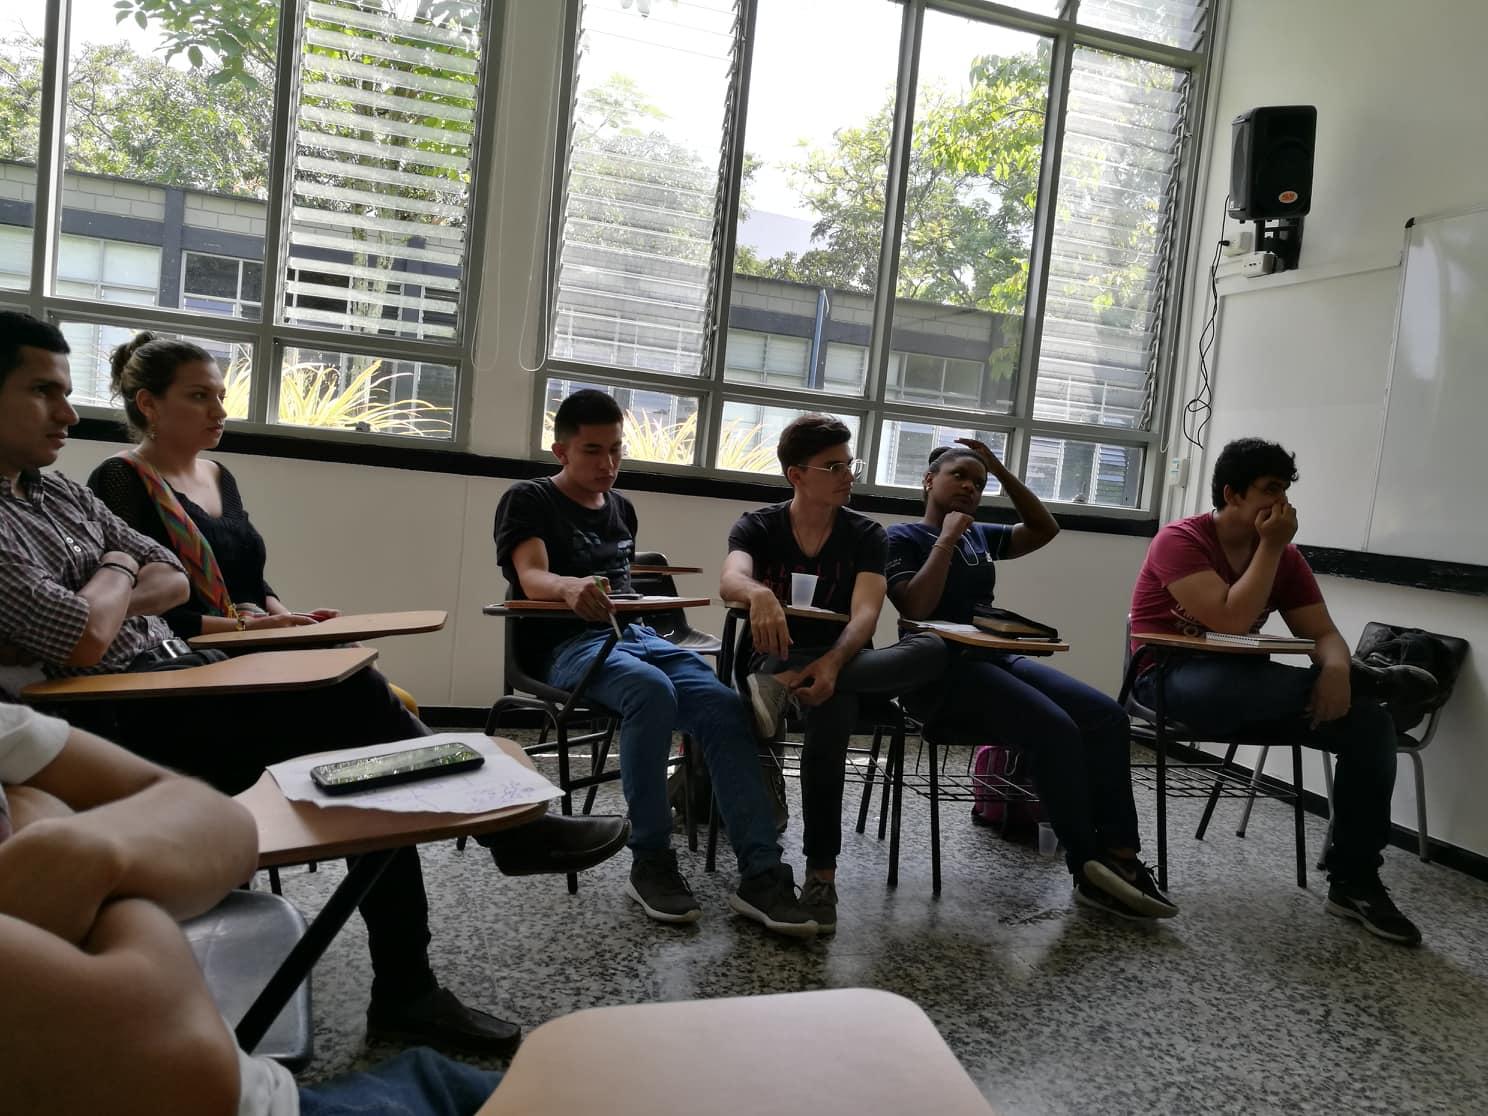 Det kom både nye og gamle studenter for å høre på det vi hadde å snakke om. Det var ekstra stas at de var så engasjerte i arbeidet vårt. -